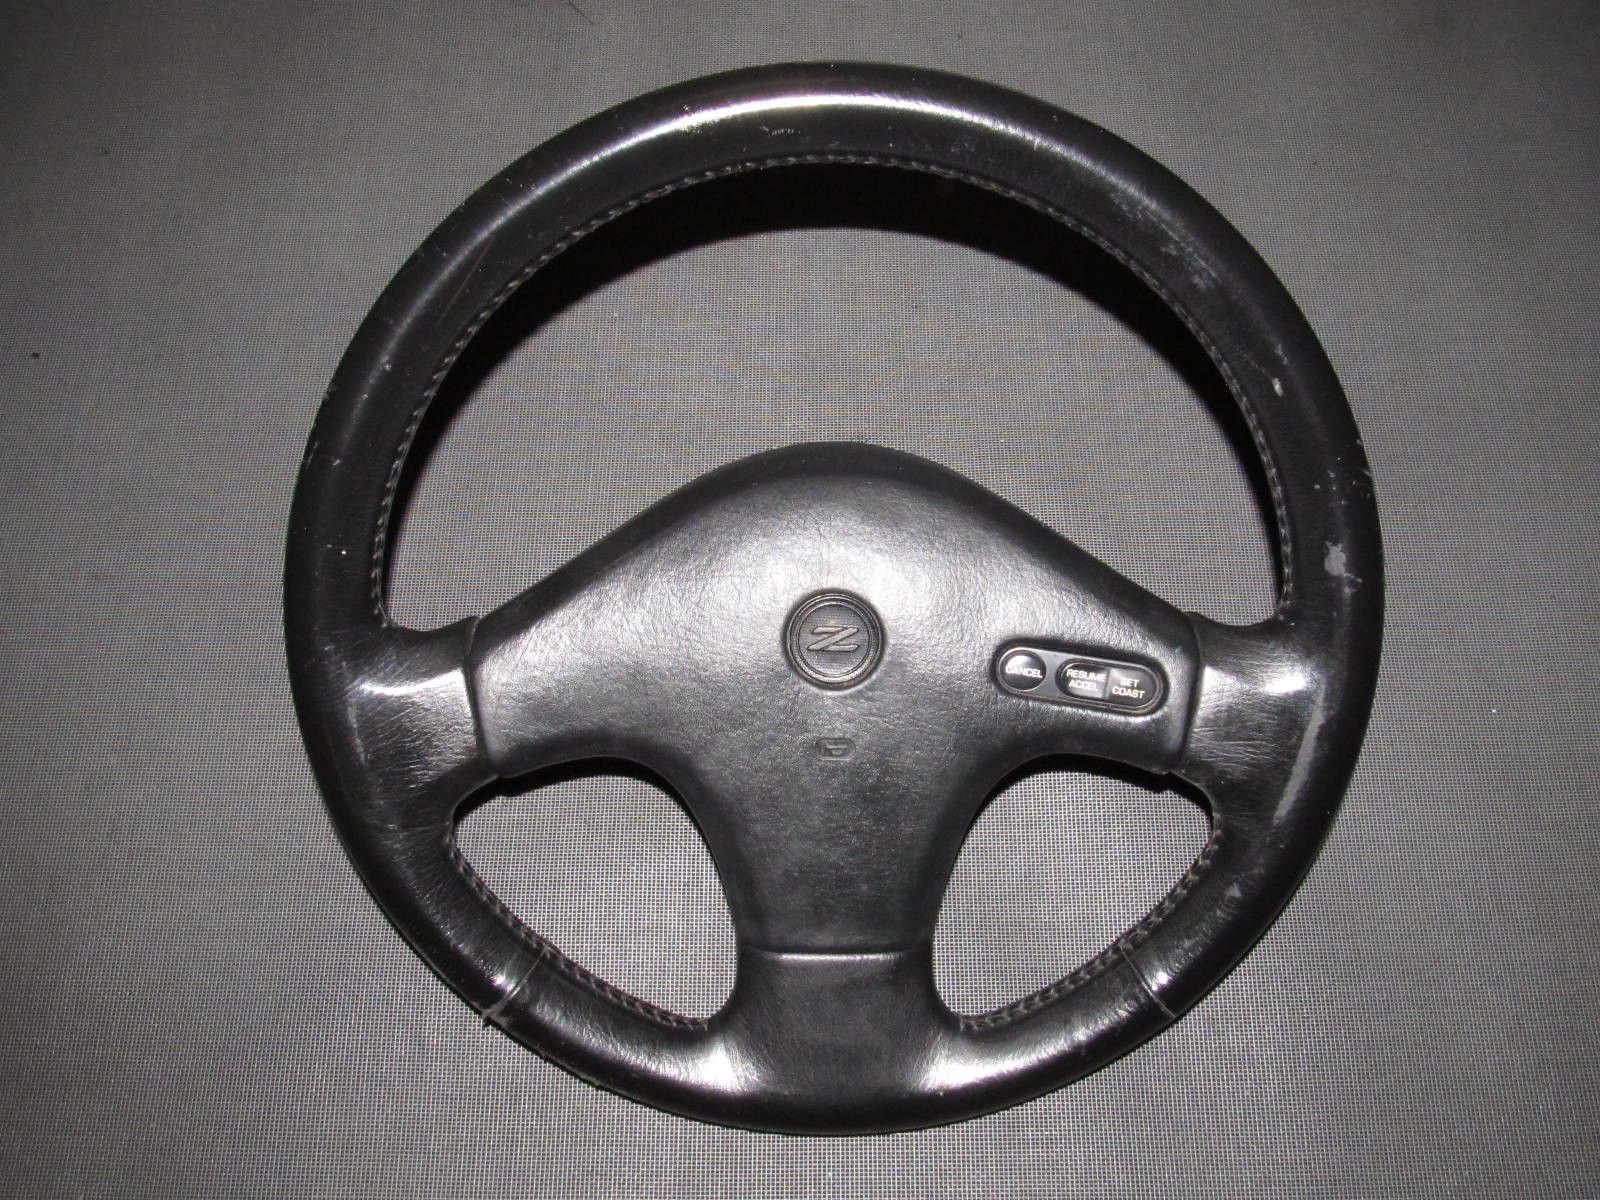 90 91 92 93 94 95 96 Nissan 300zx OEM Black Steering Wheel